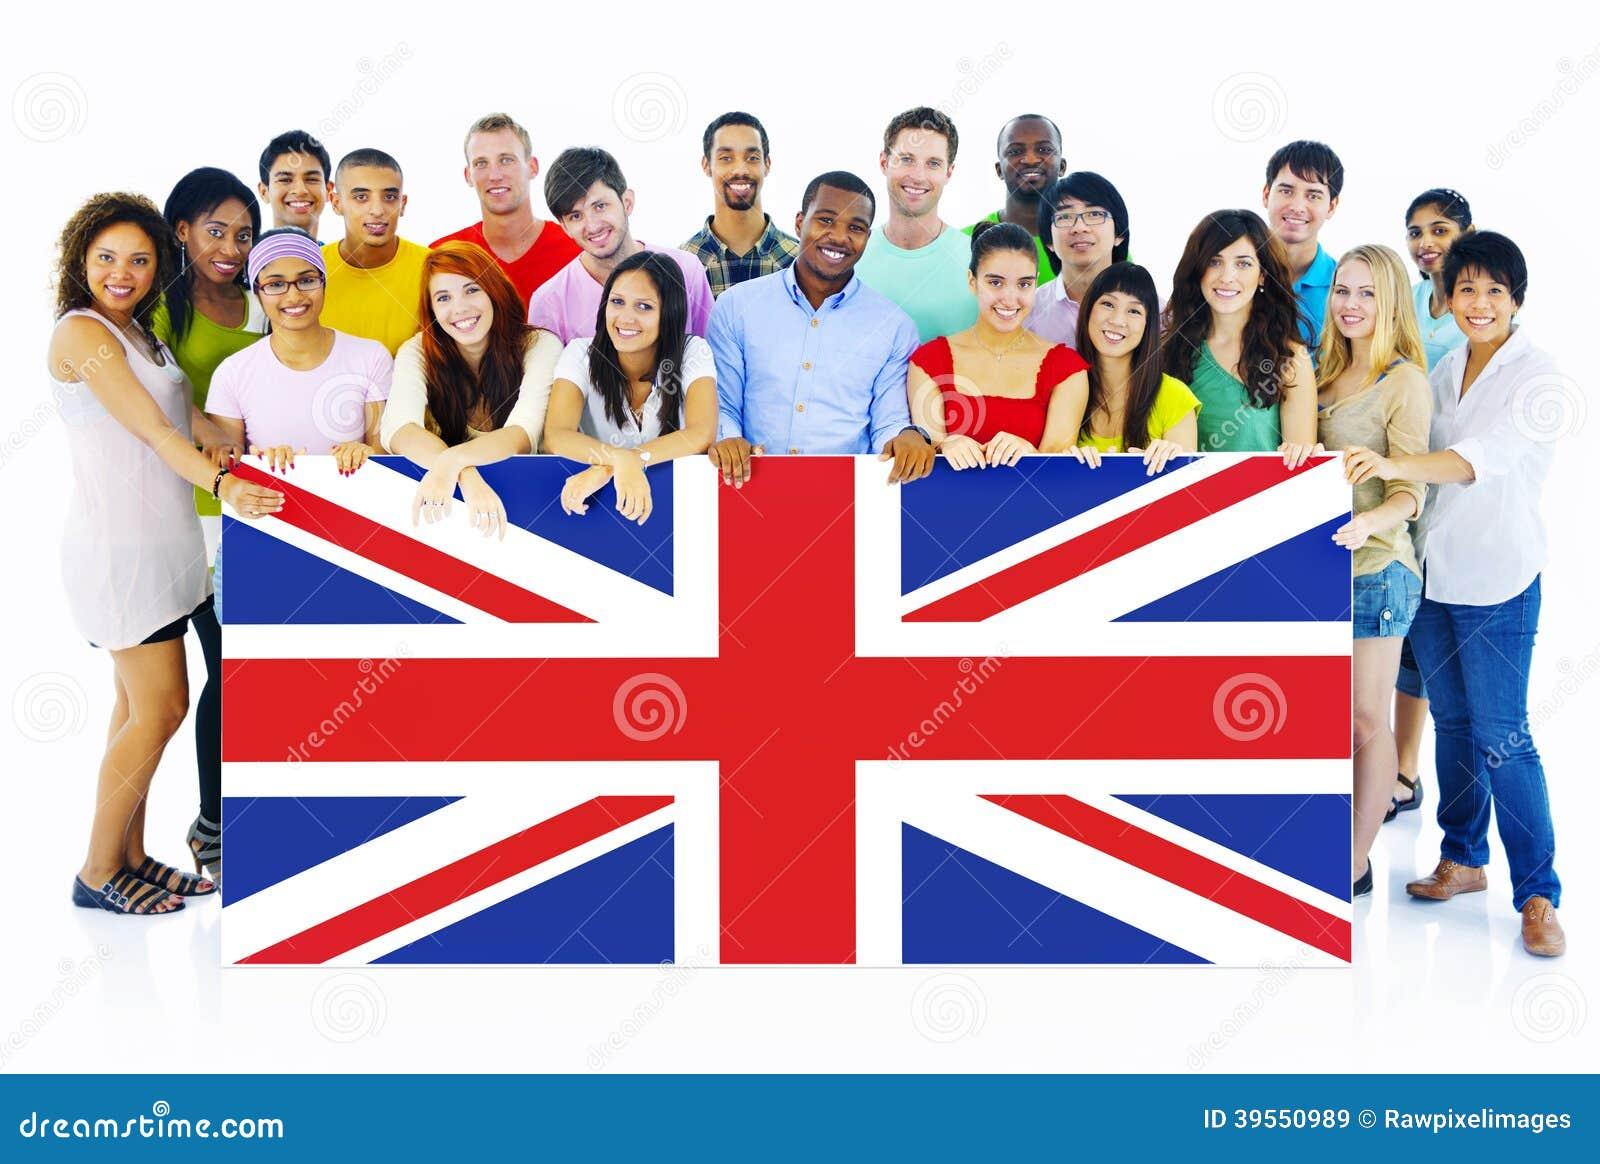 Grupa Ludzi Trzyma Zjednoczone Królestwo deskę